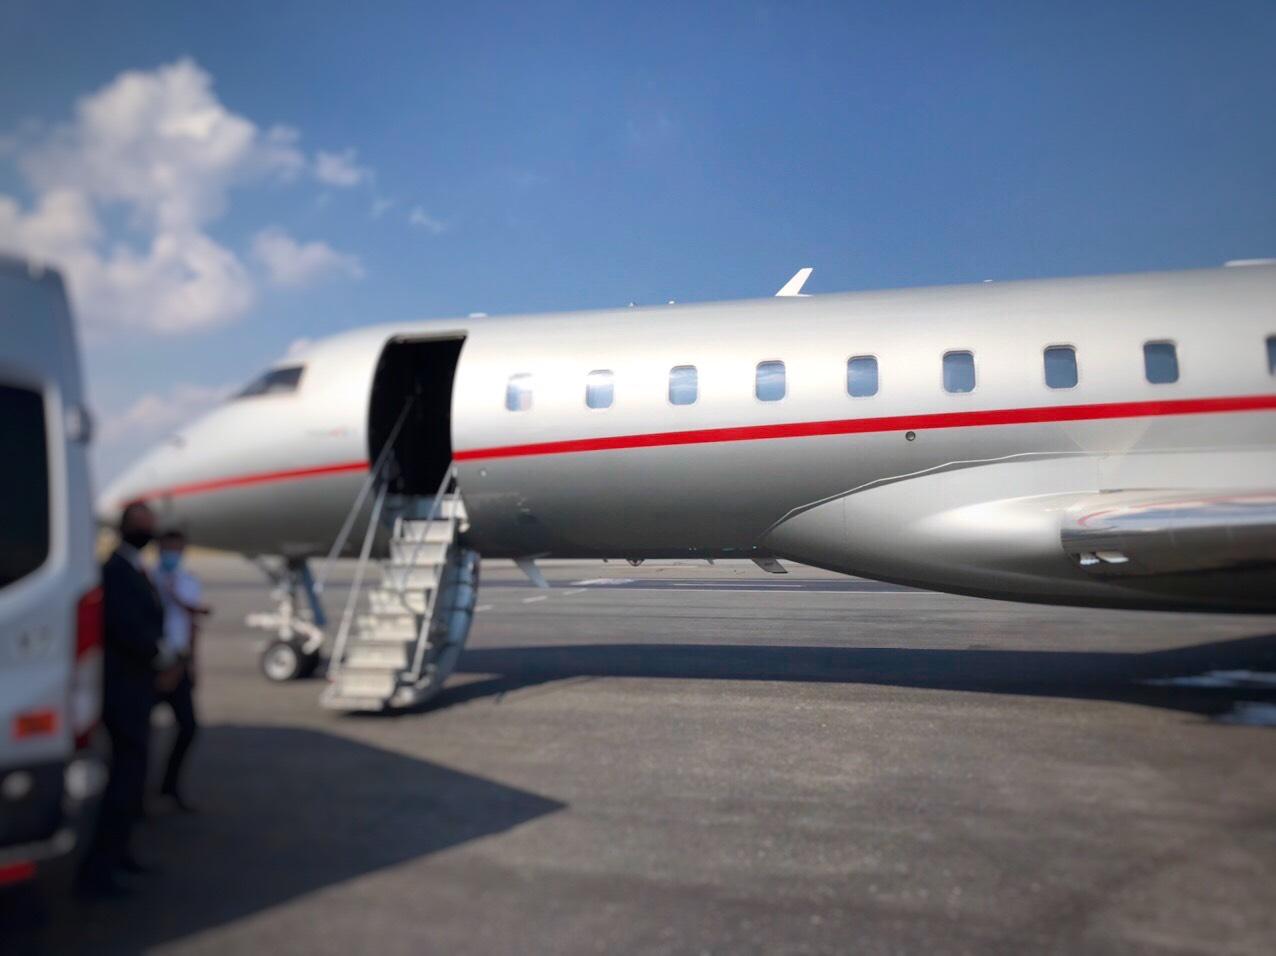 Chuyến chuyên cơ VIP từ California hạ cánh tại sân bay Tân Sơn Nhất